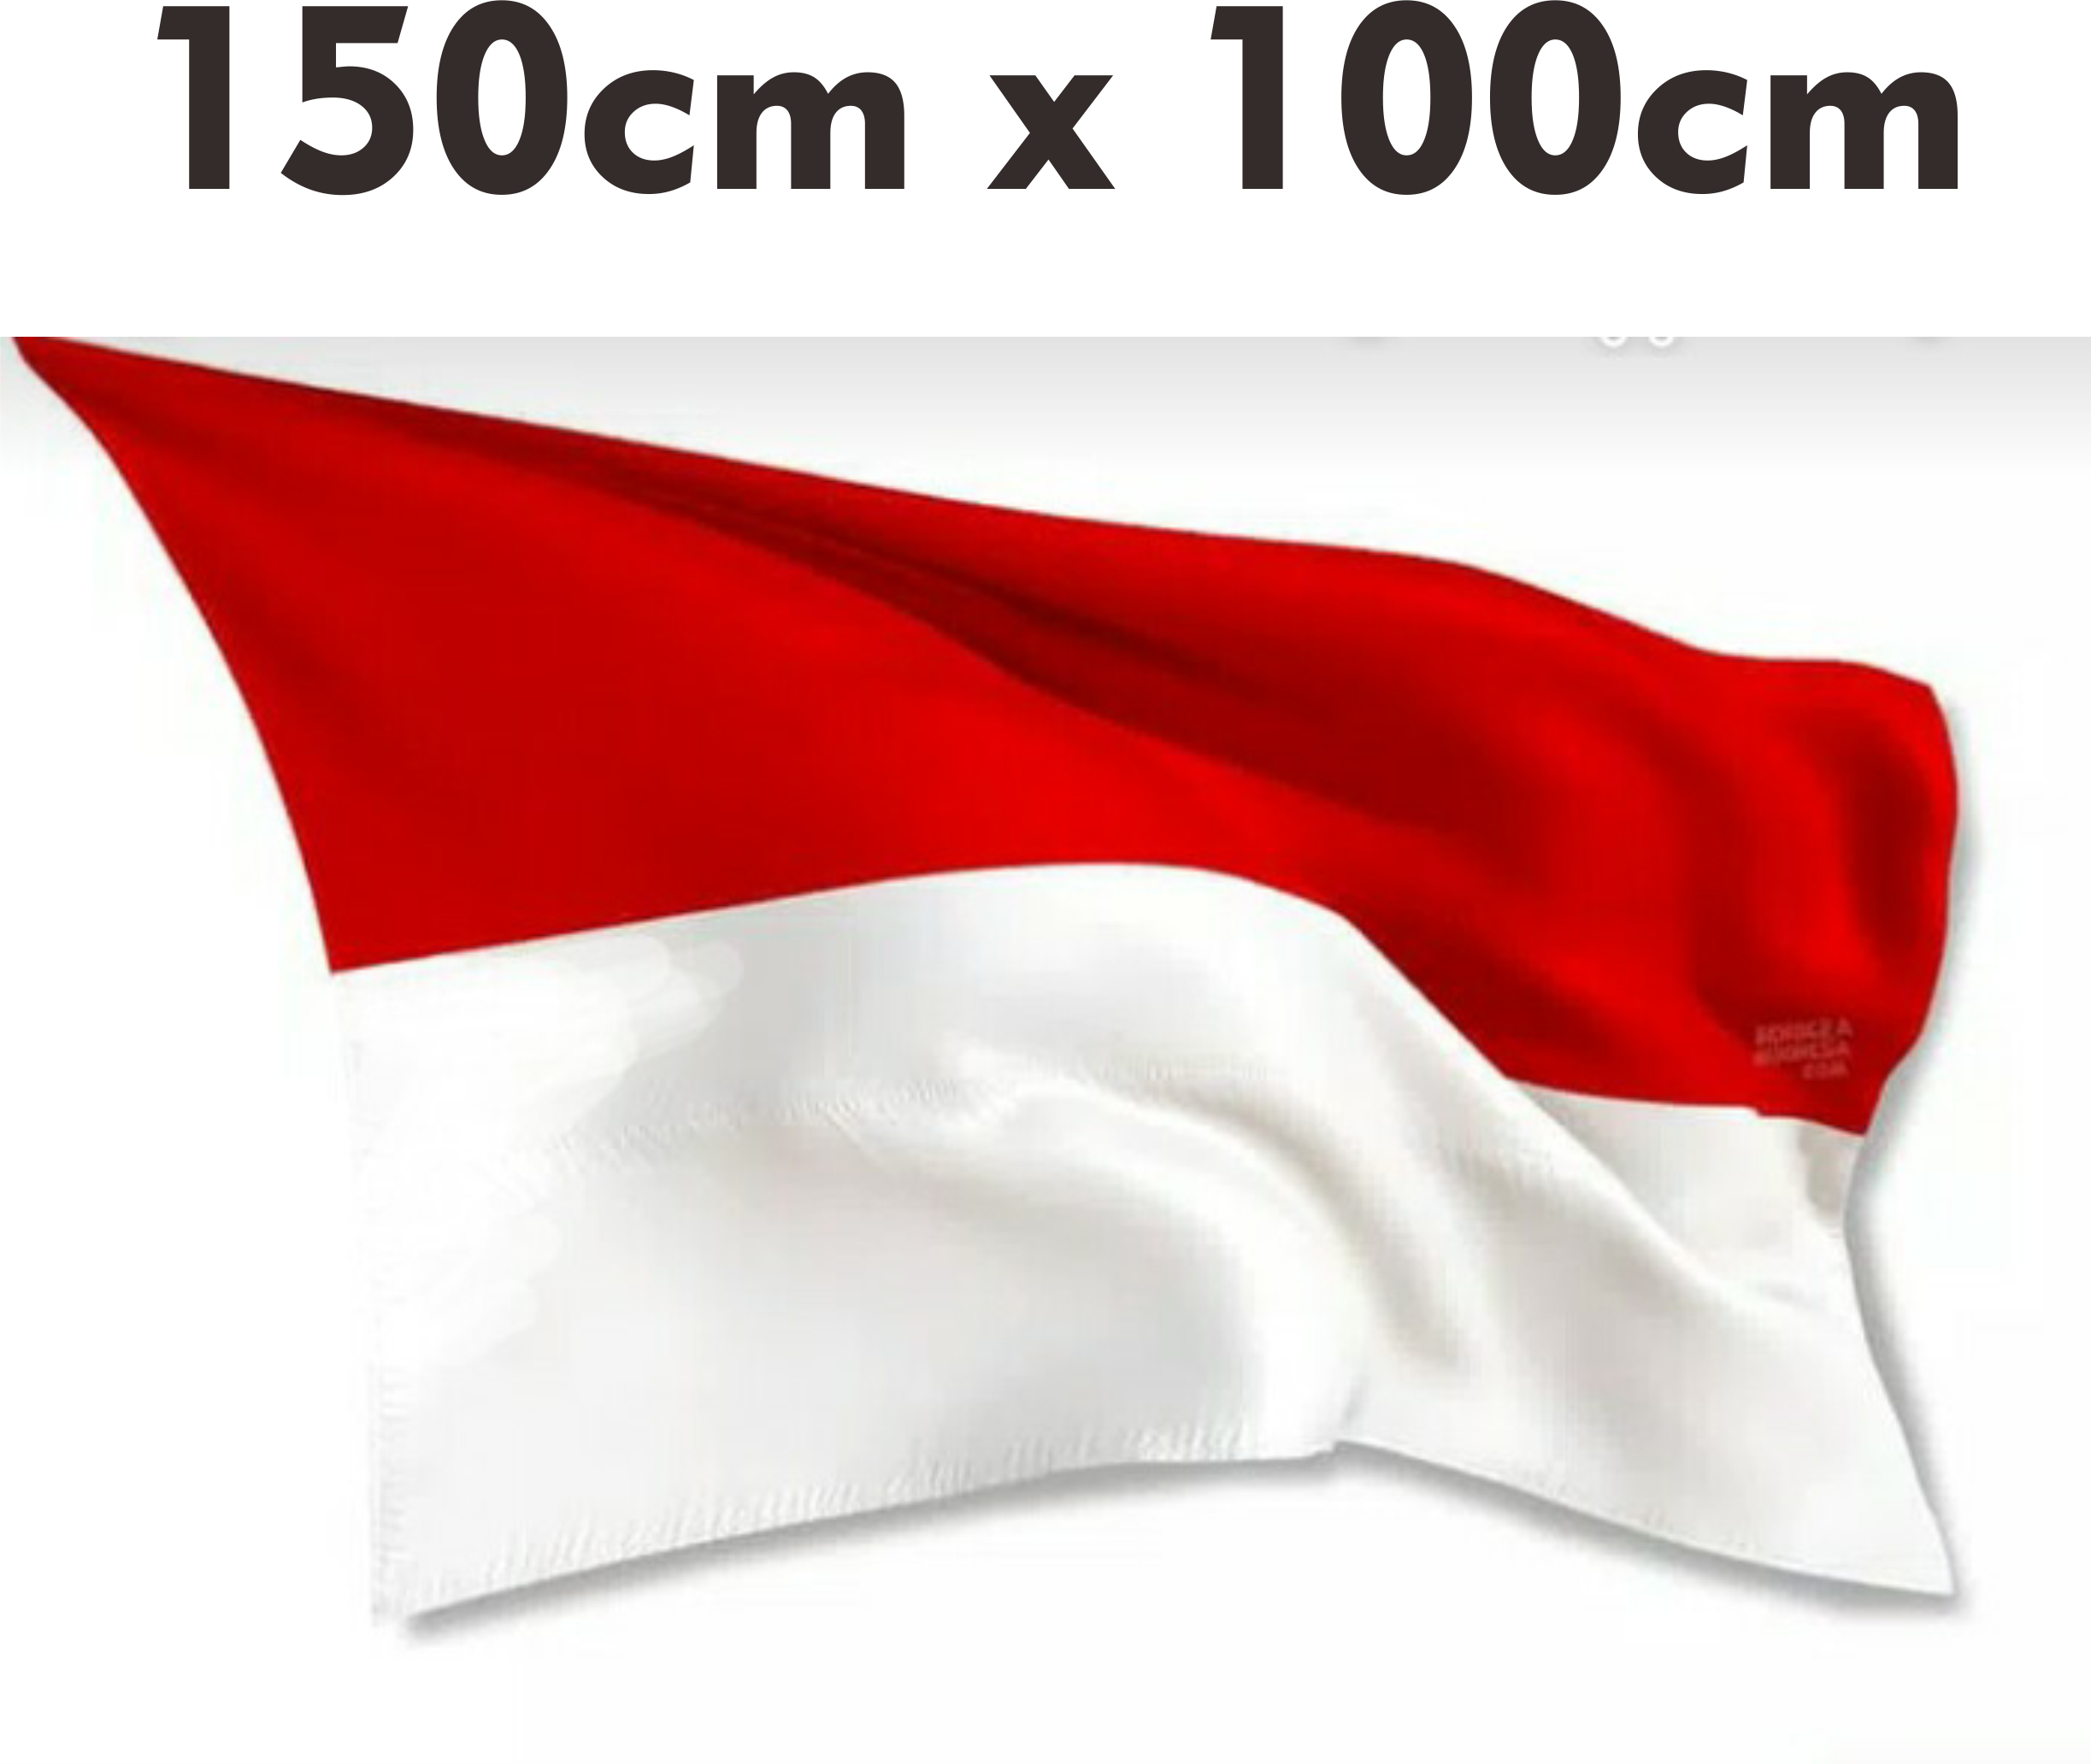 Jual Bendera Merah Putih/Bendera 20an/Bendera Kebangsaan Indonesia/Bendera  Merah Putih Murah/Bendera Segala Ukuran